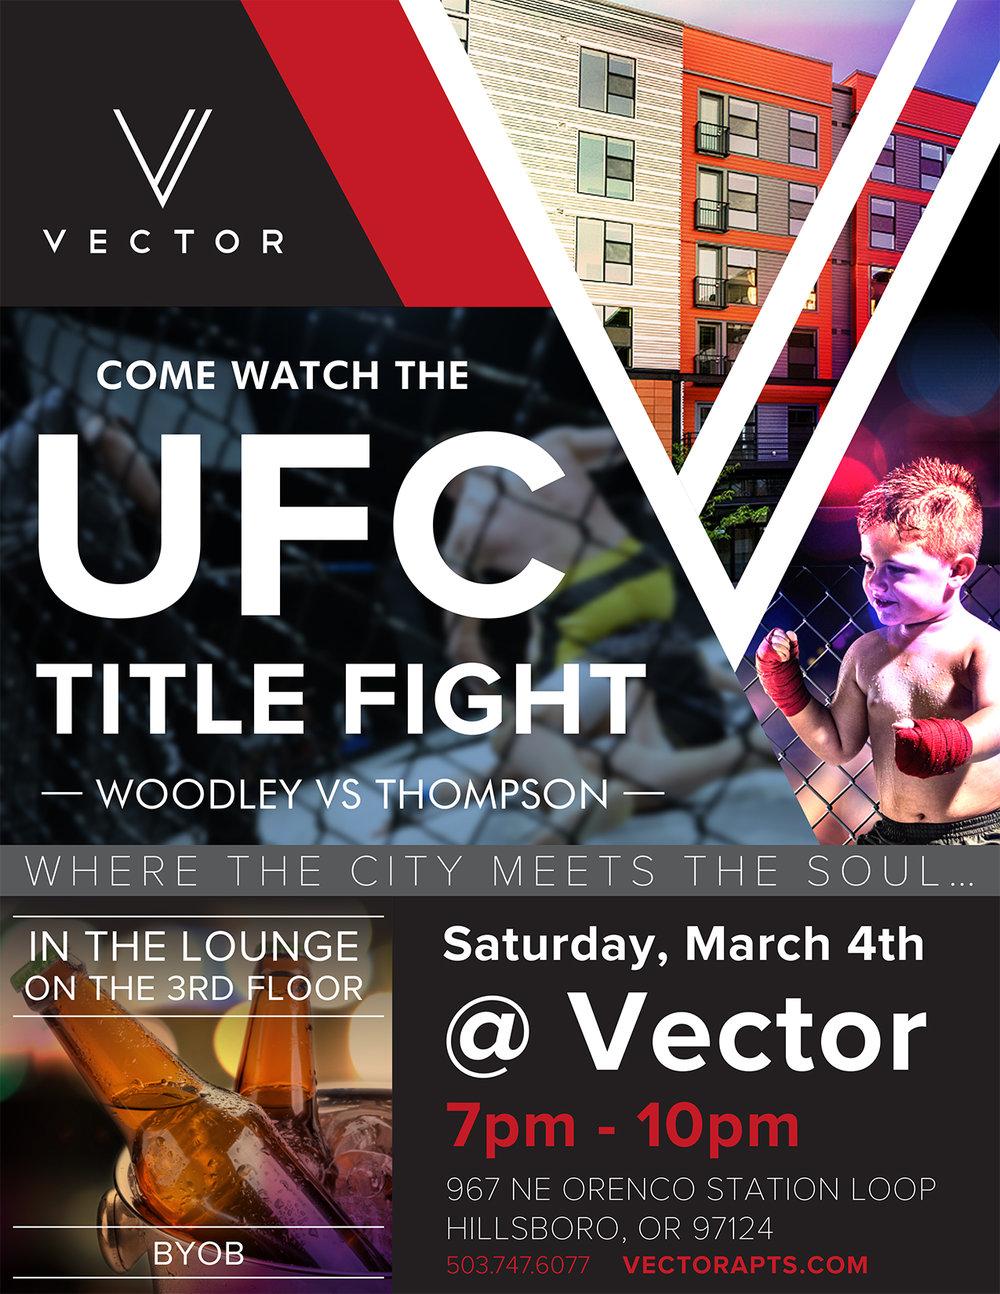 VECTOR_UFCFlyer.jpg